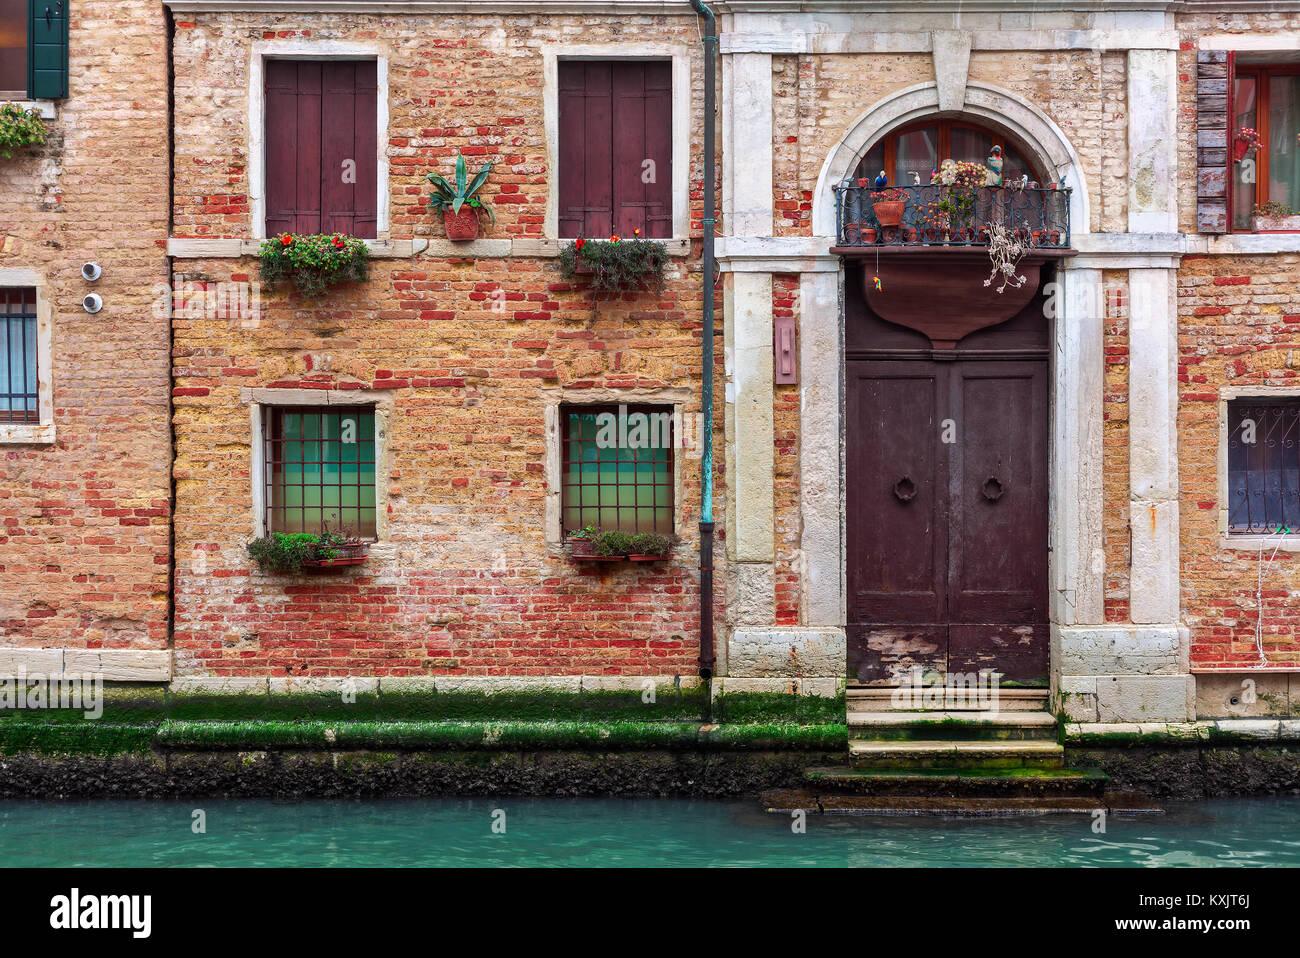 Fachada de la casa de ladrillo antiguo musgosas parcialmente de madera con puerta vintage en estrecho canal en Venecia, Imagen De Stock